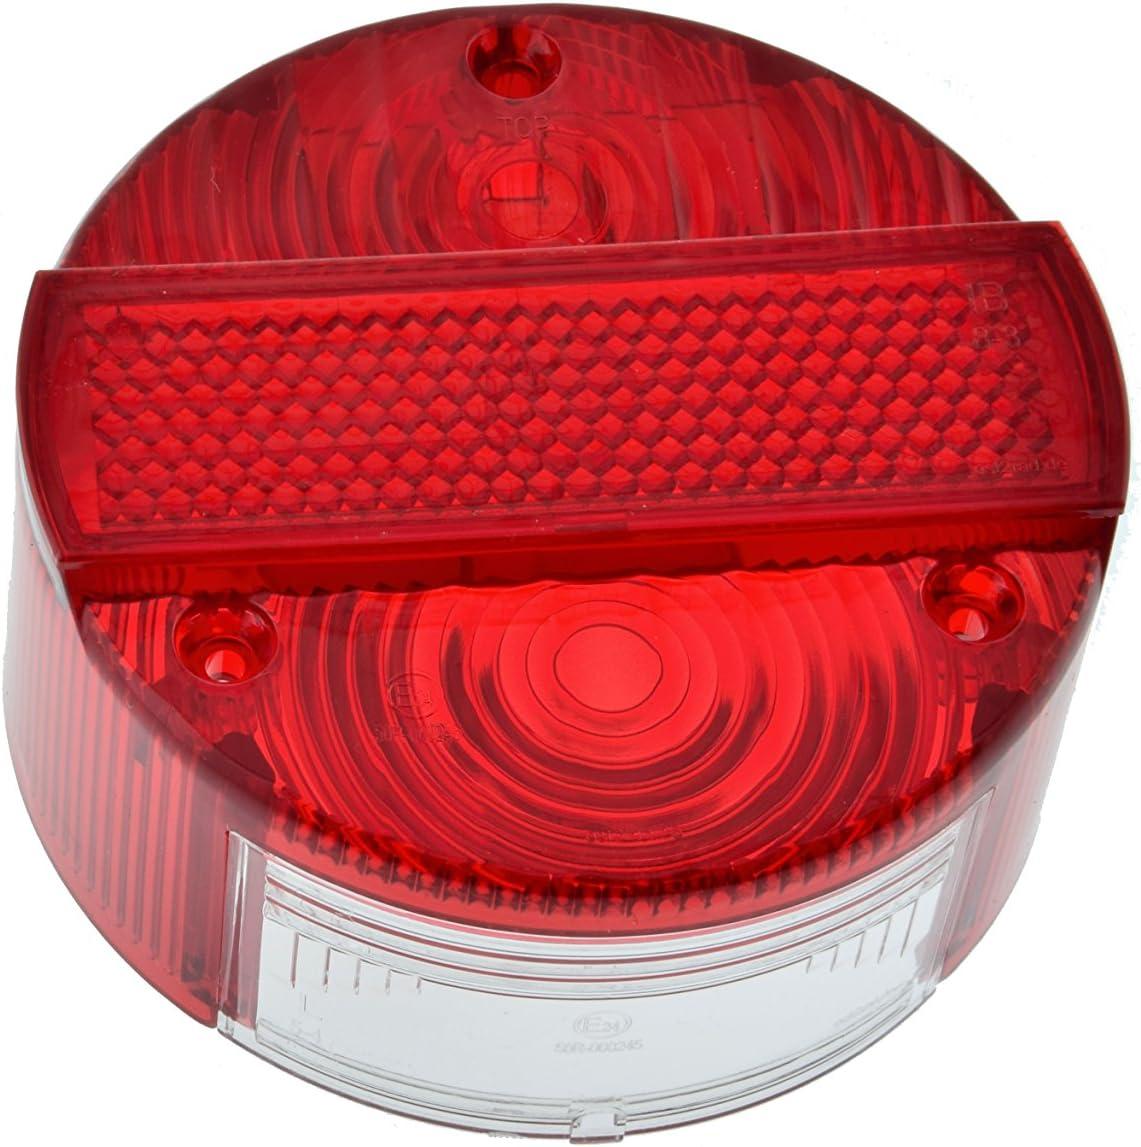 Rücklichtkappe Rund Für Mz Ts Etz 125 150 250 251 Mit E Prüfzeichen Auto